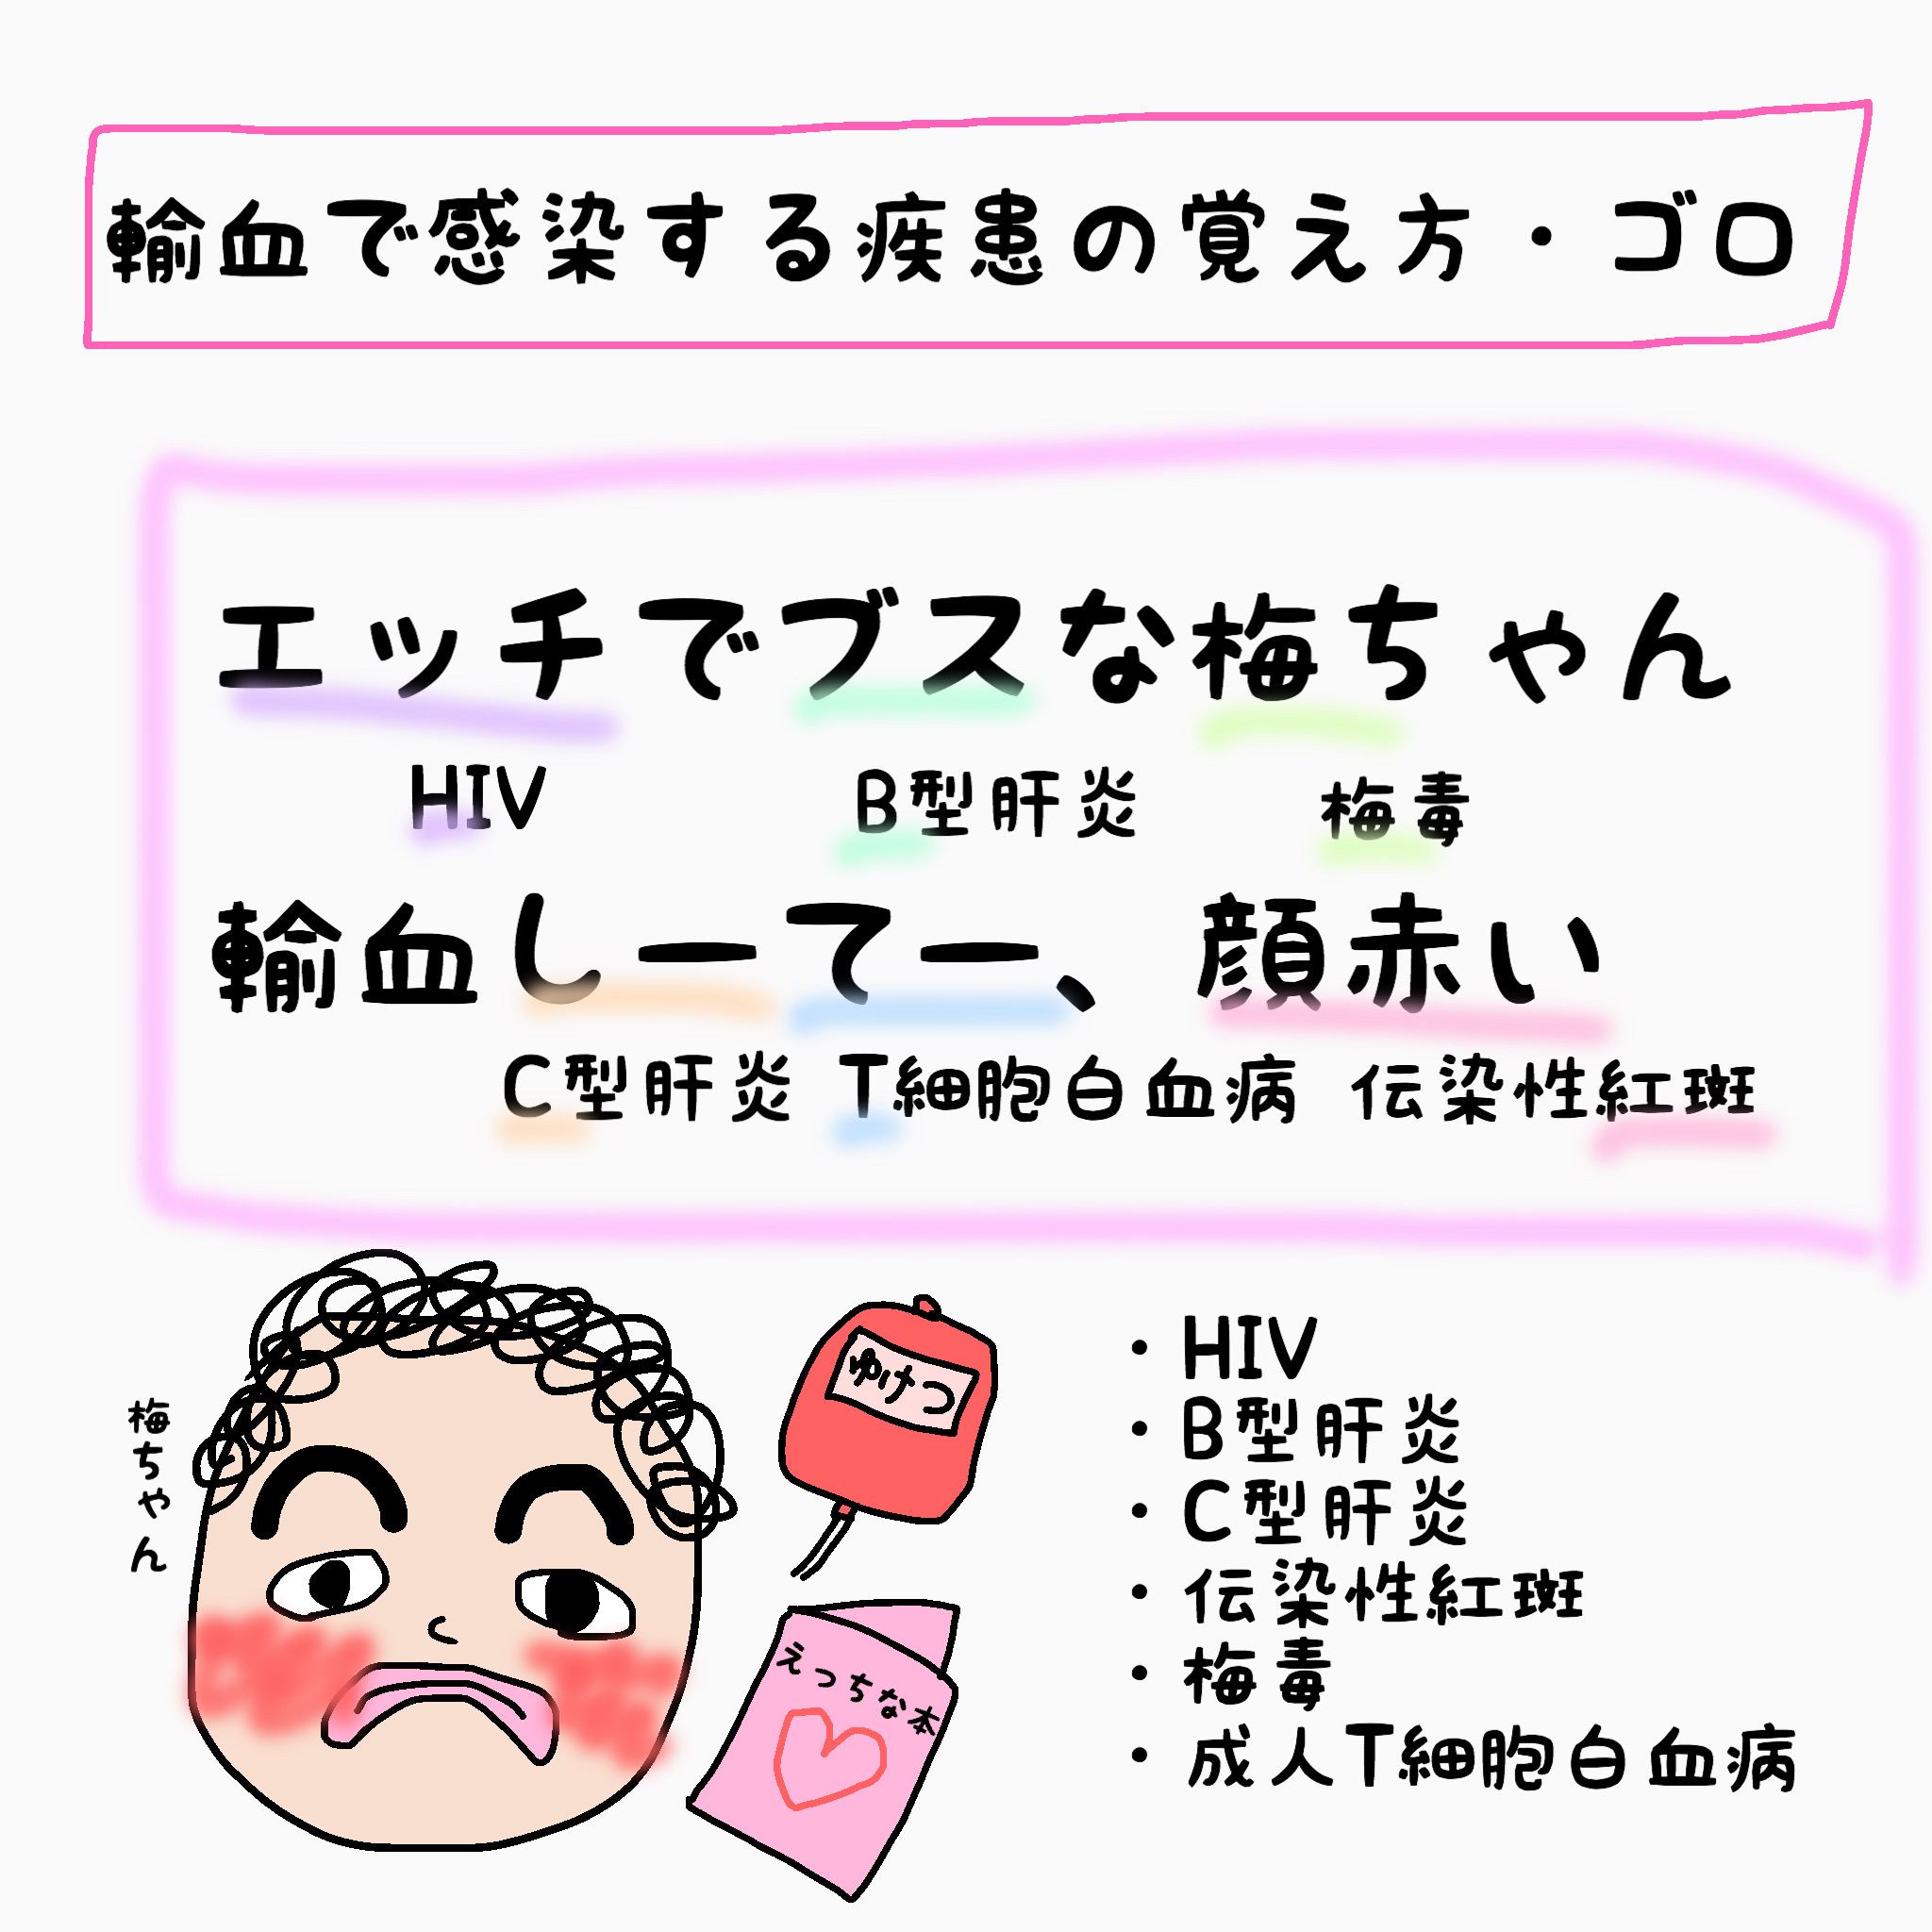 輸血 感染症 覚え方